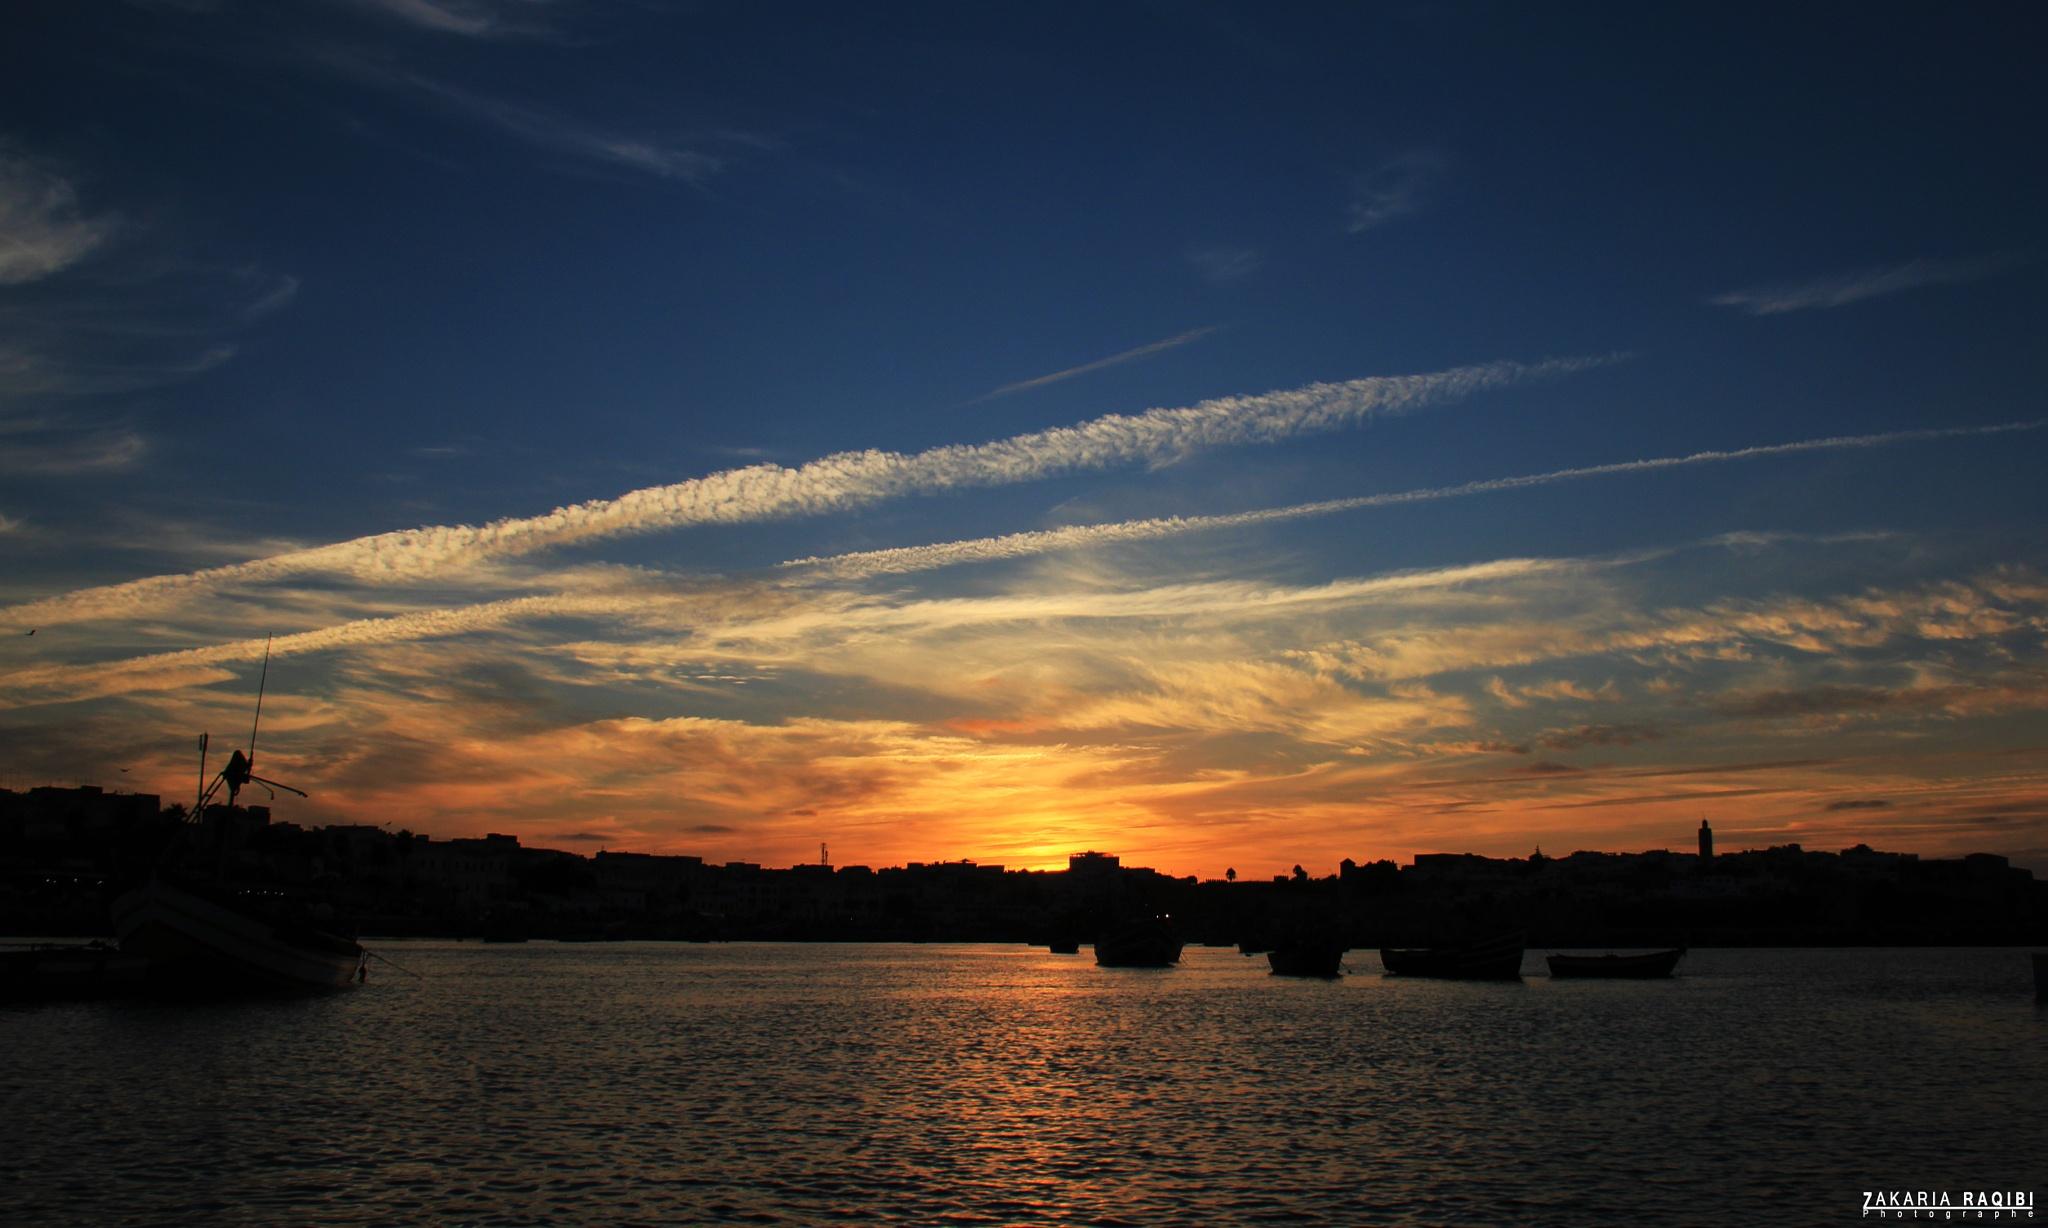 Sunset by ZAKARIA RAQIBI